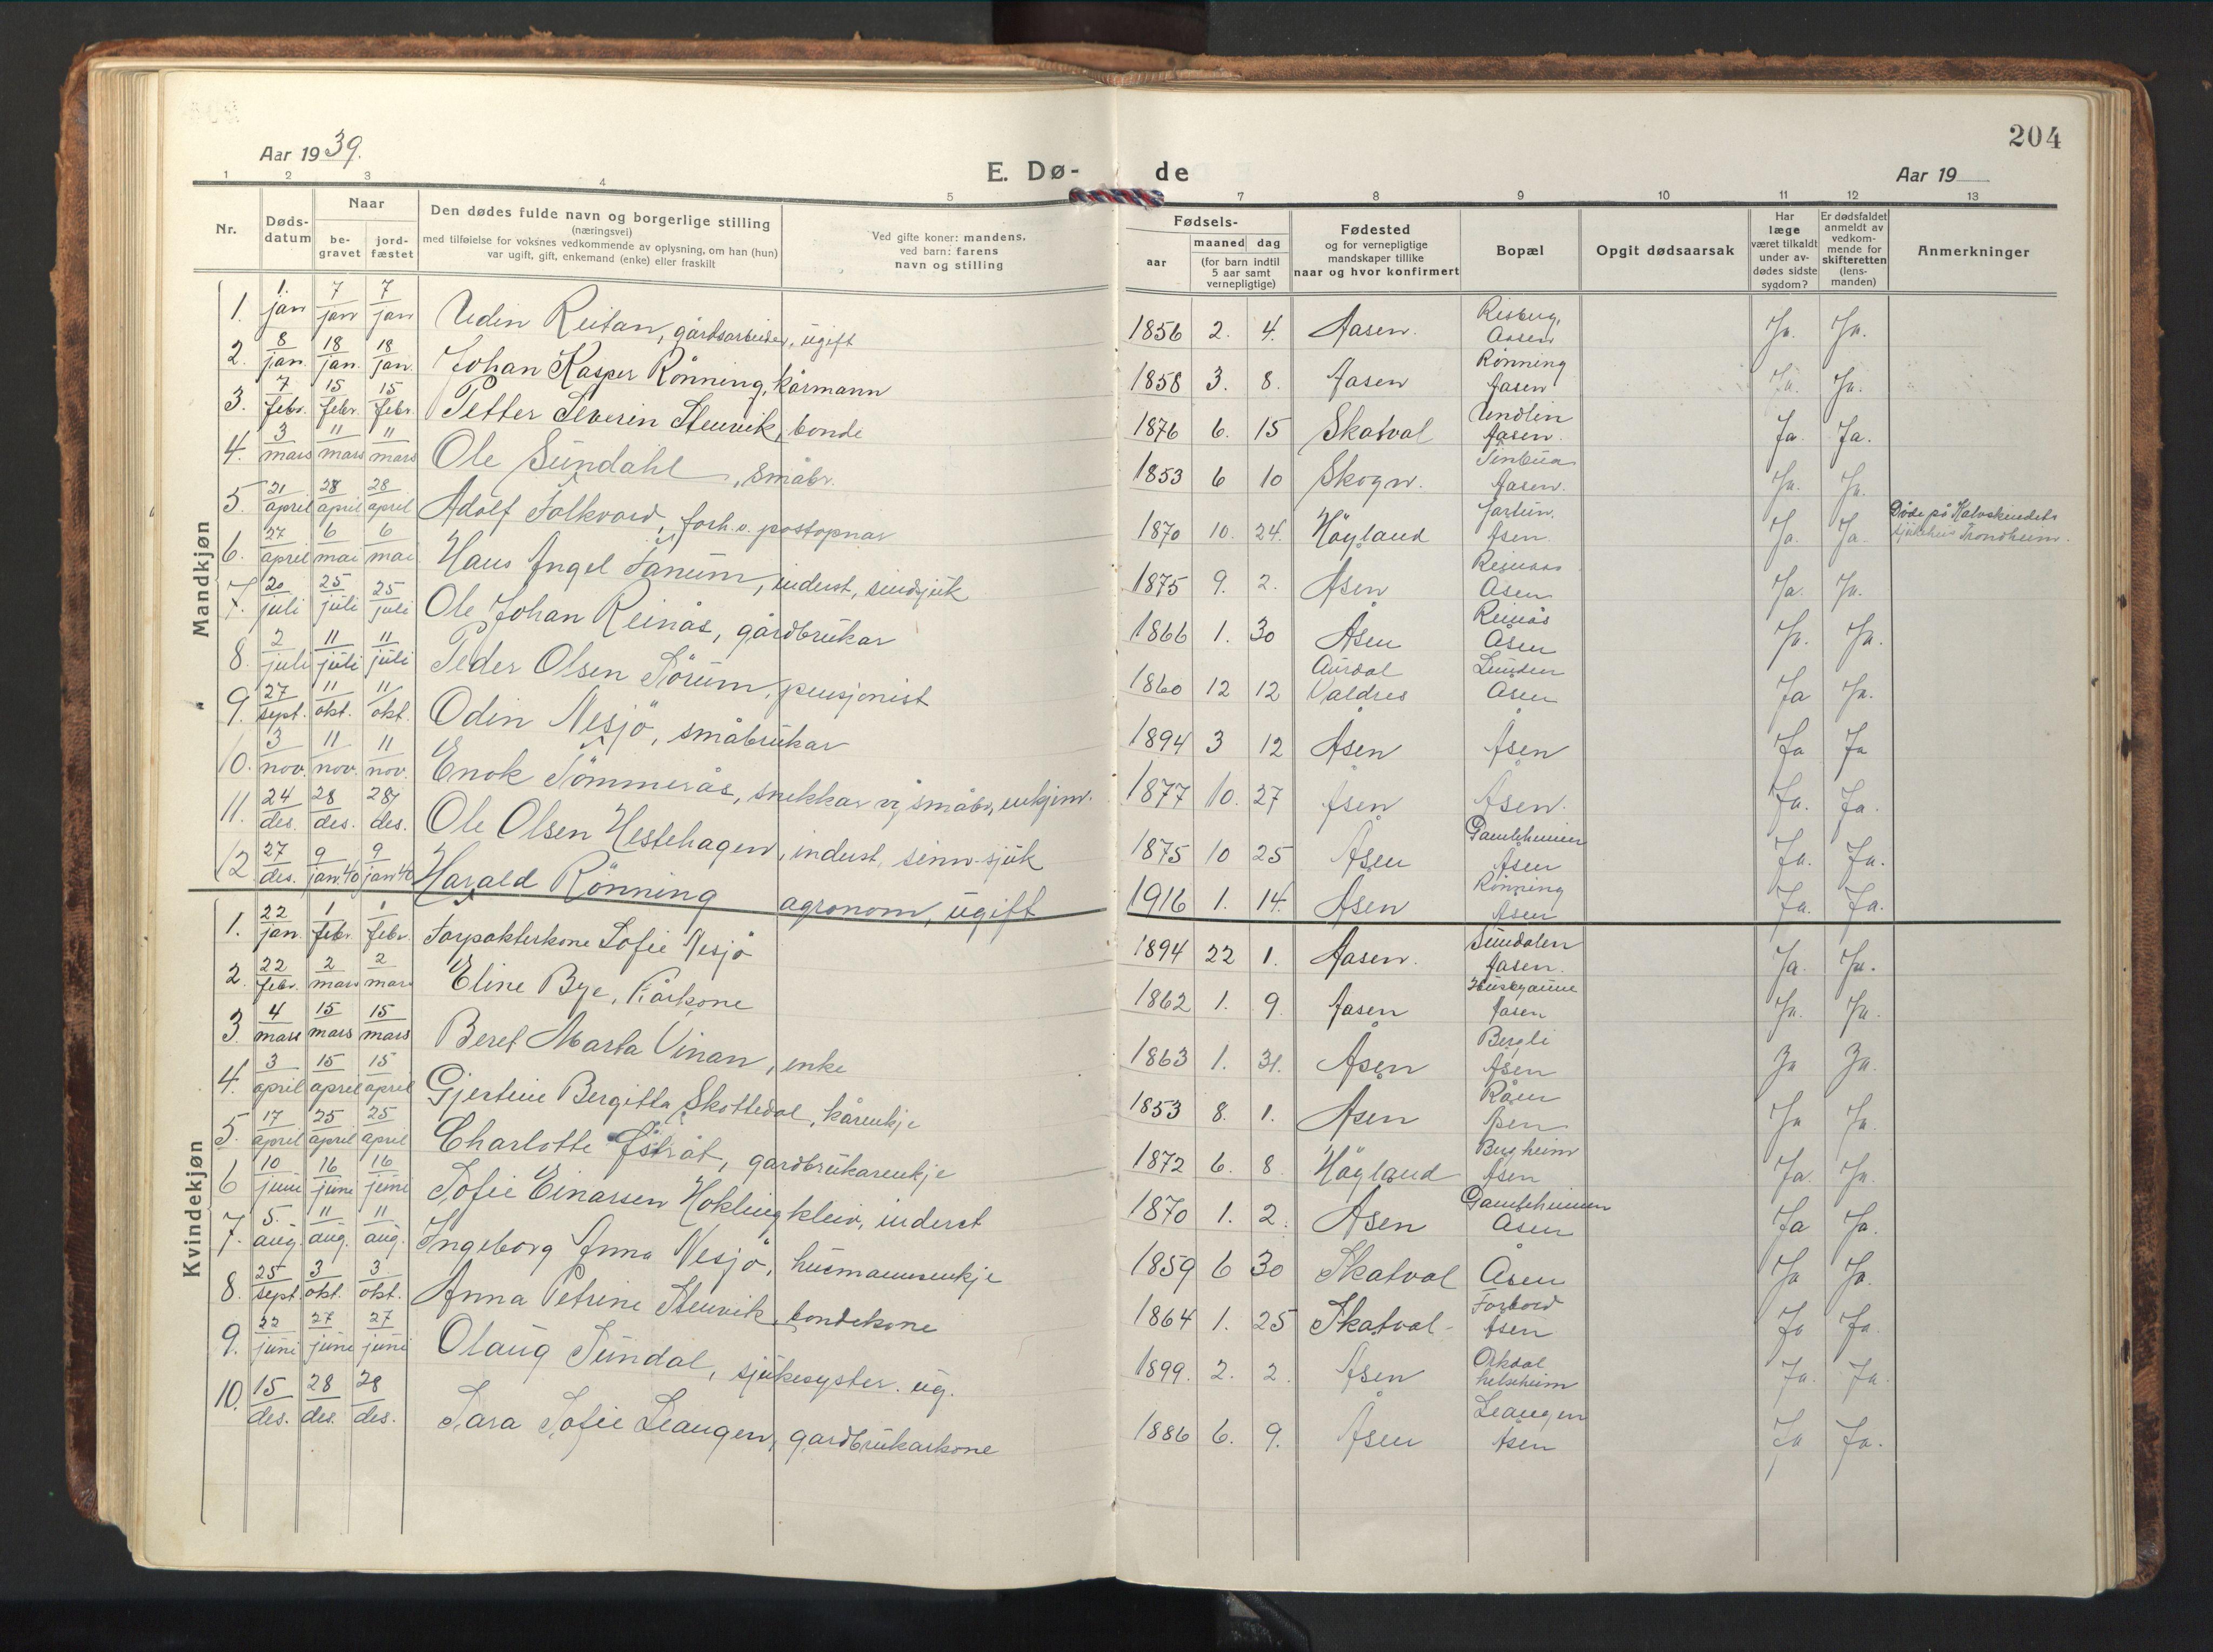 SAT, Ministerialprotokoller, klokkerbøker og fødselsregistre - Nord-Trøndelag, 714/L0136: Klokkerbok nr. 714C05, 1918-1957, s. 204